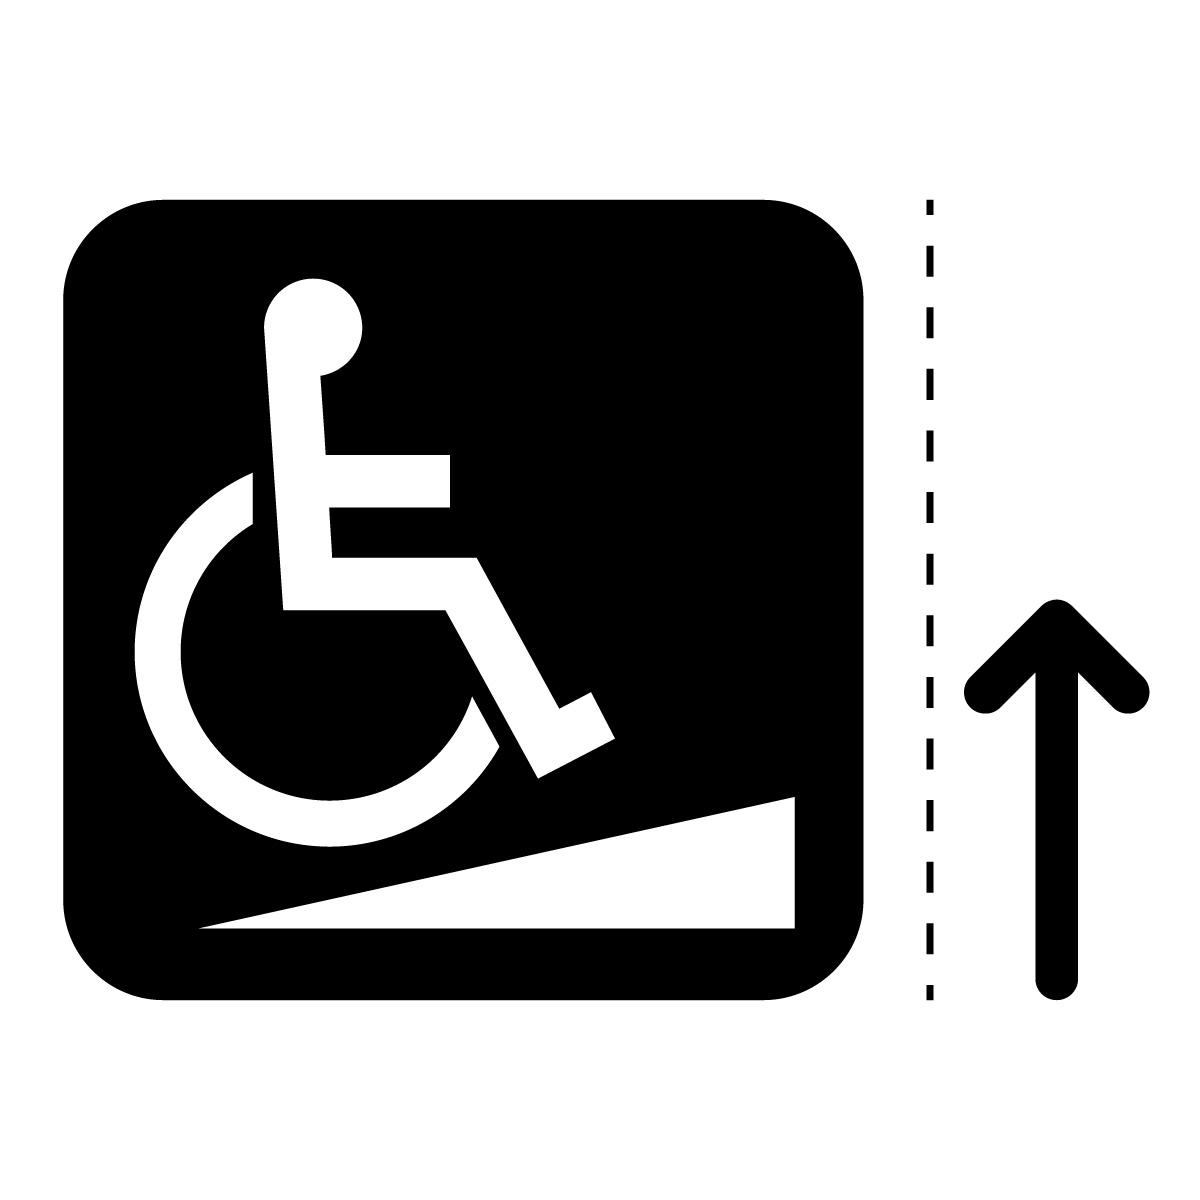 黒色の車椅子・障害者スロープ案内マーク(矢印付き)のカッティングステッカー・シール